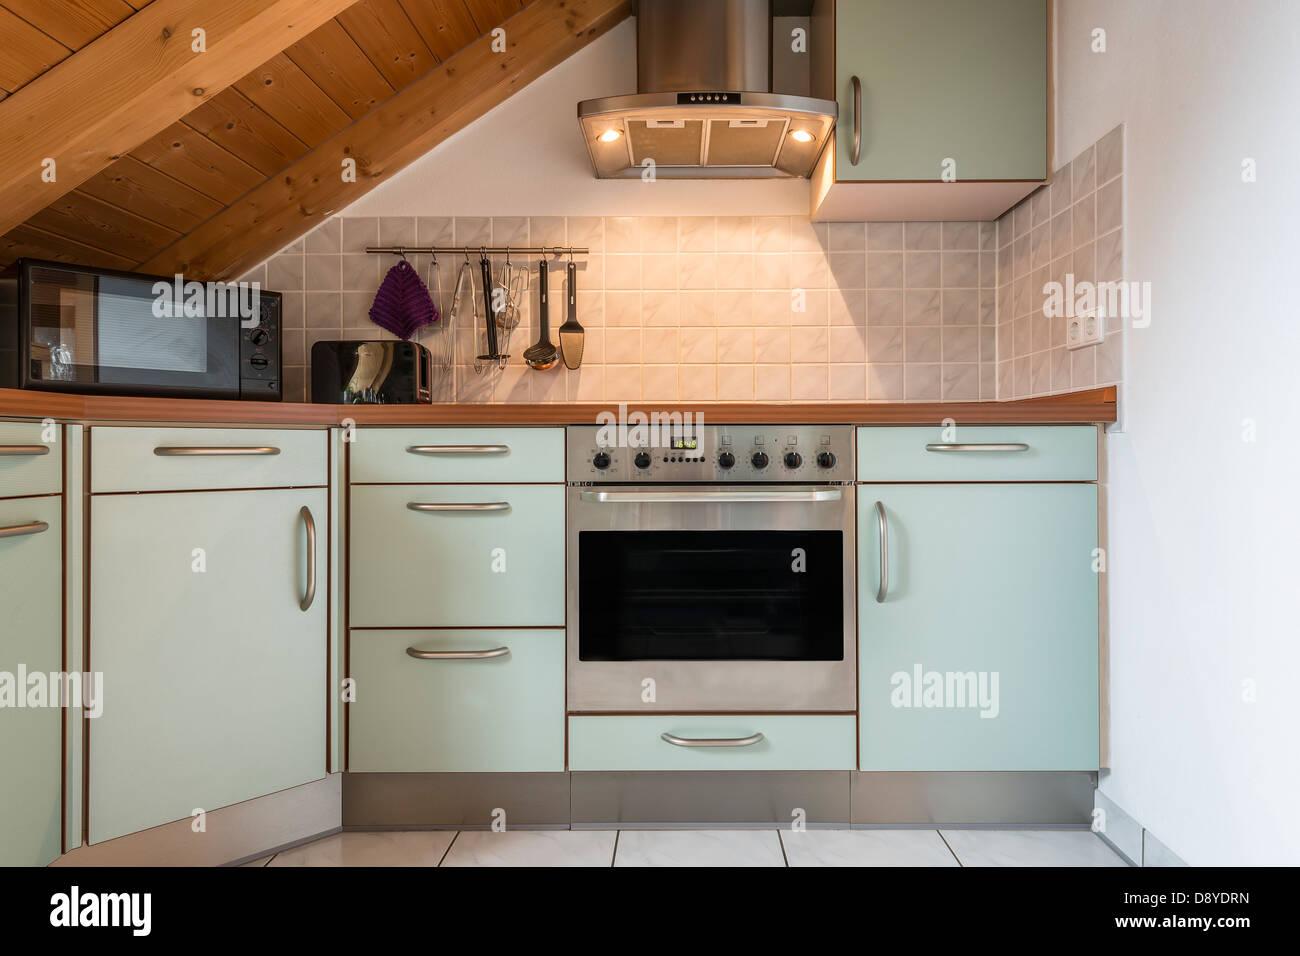 Design Microwave Stockfotos & Design Microwave Bilder - Alamy